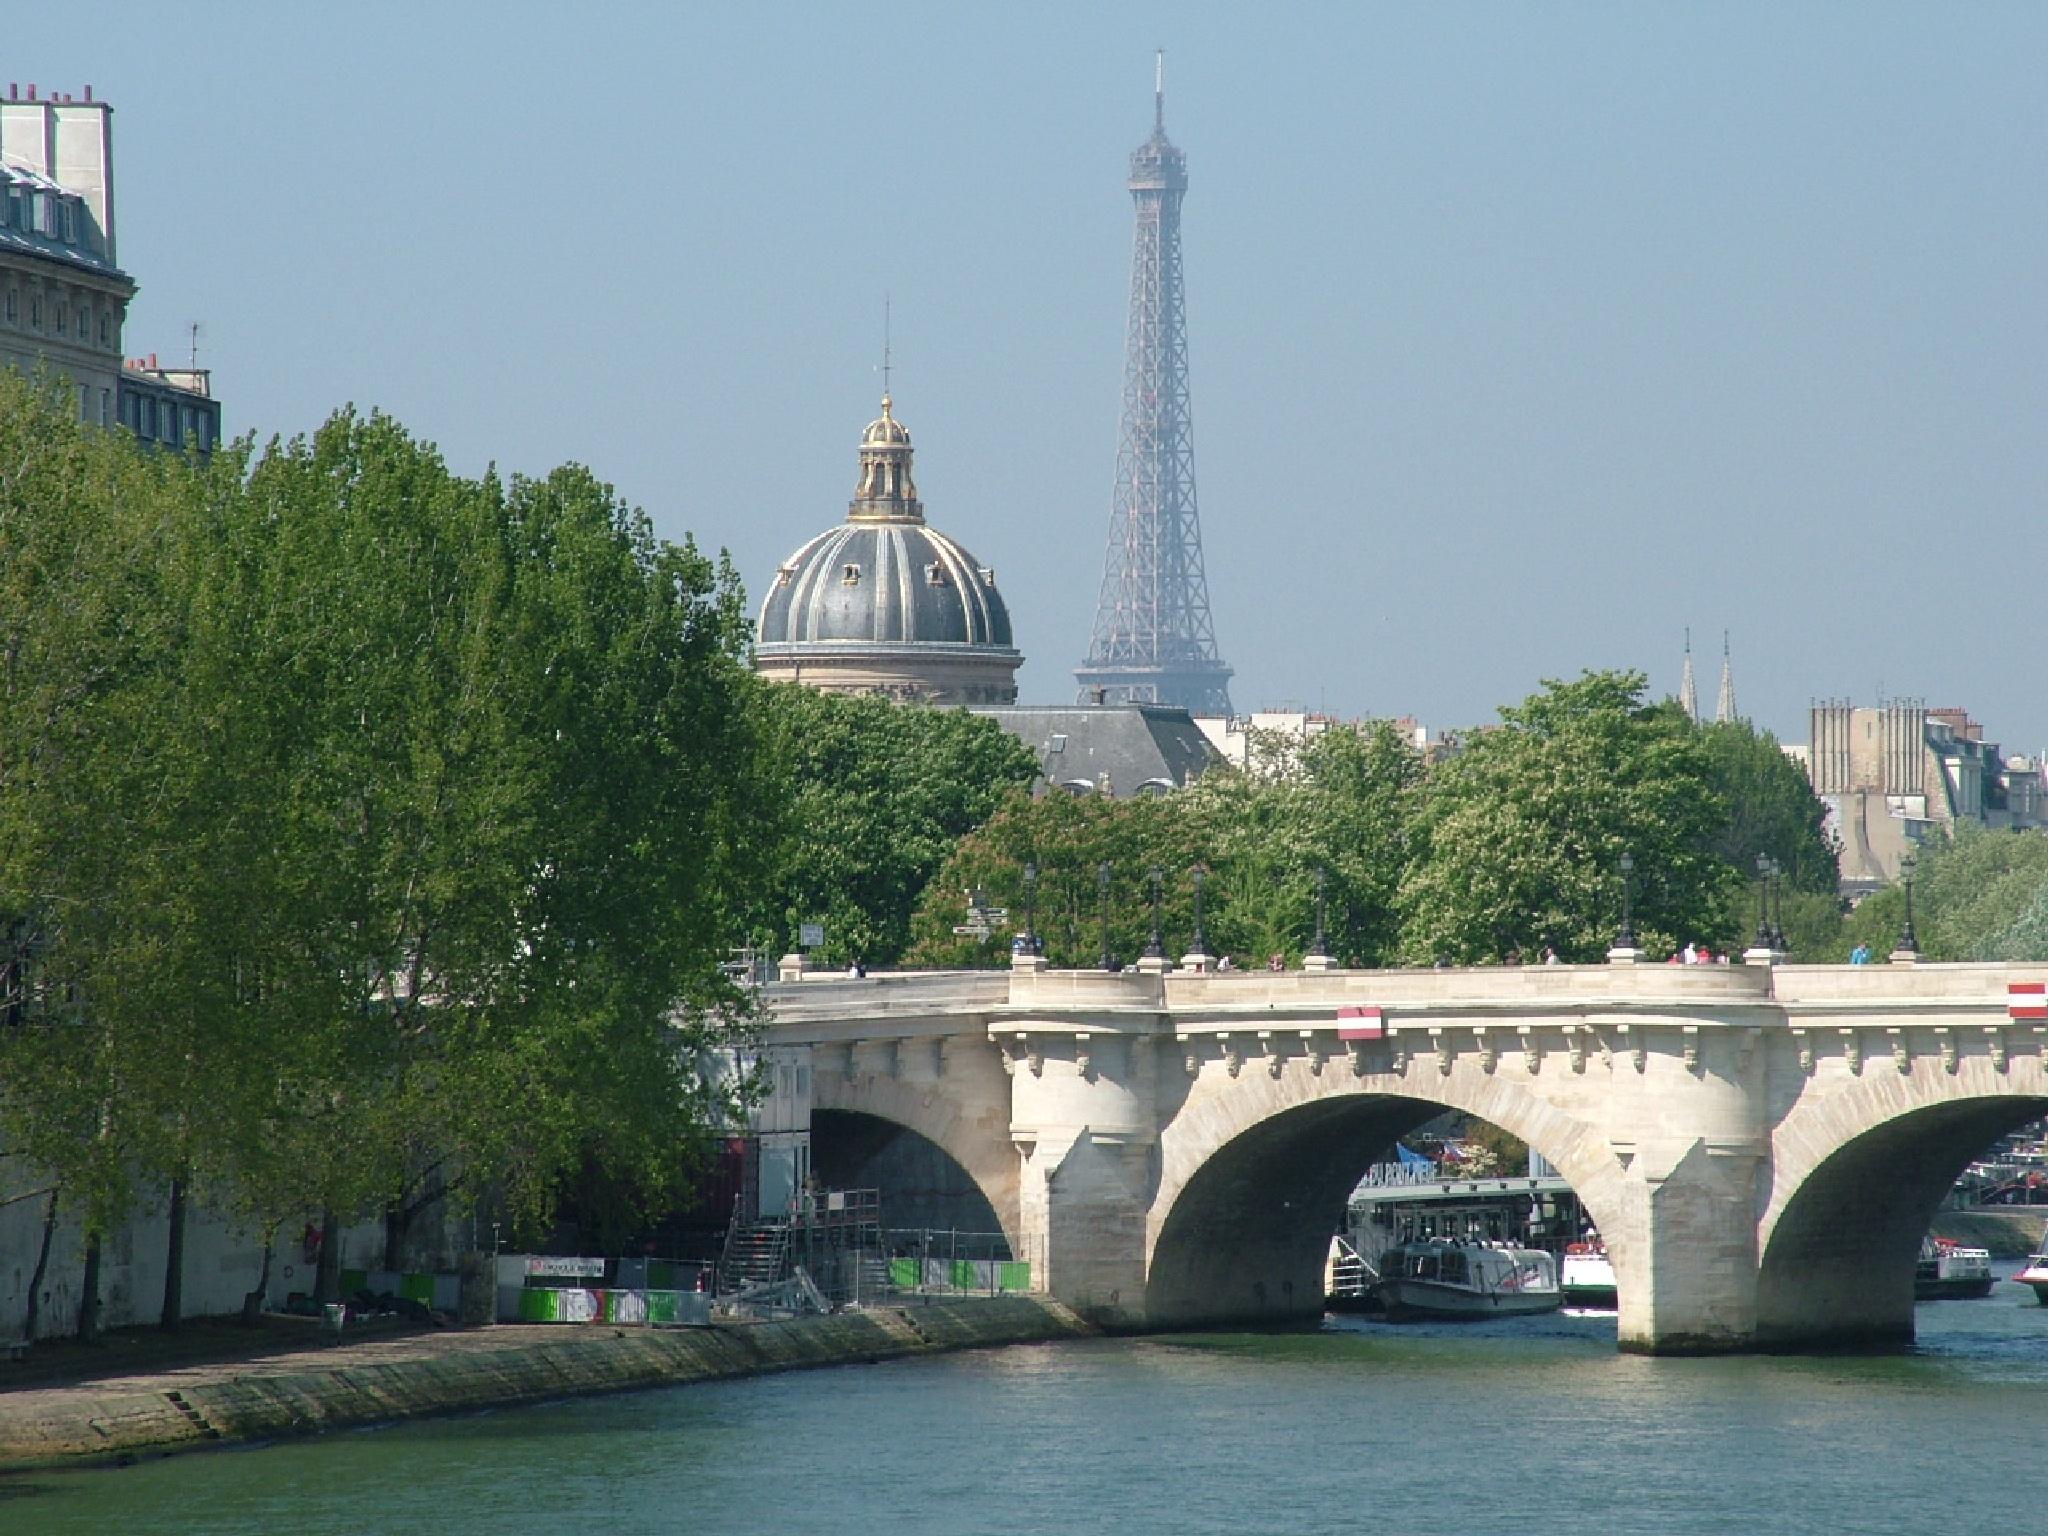 Pont Neuf, Institut de France & Tour Eiffel by Manuel Villanueva